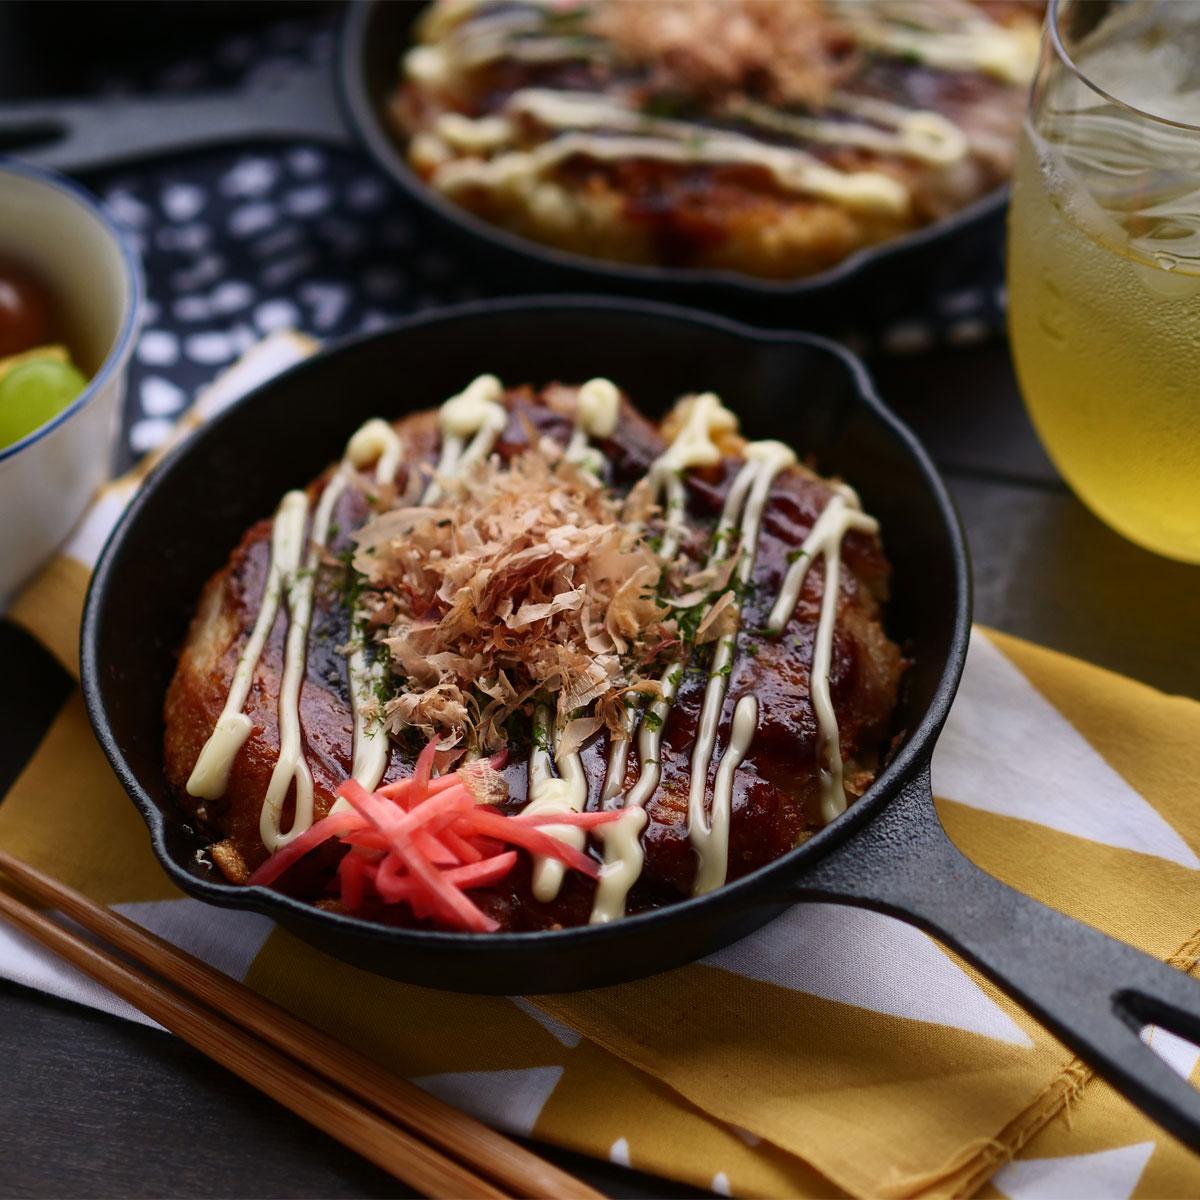 「ご飯でお好み焼き⁉金芽米で作るお好み焼き風」画像